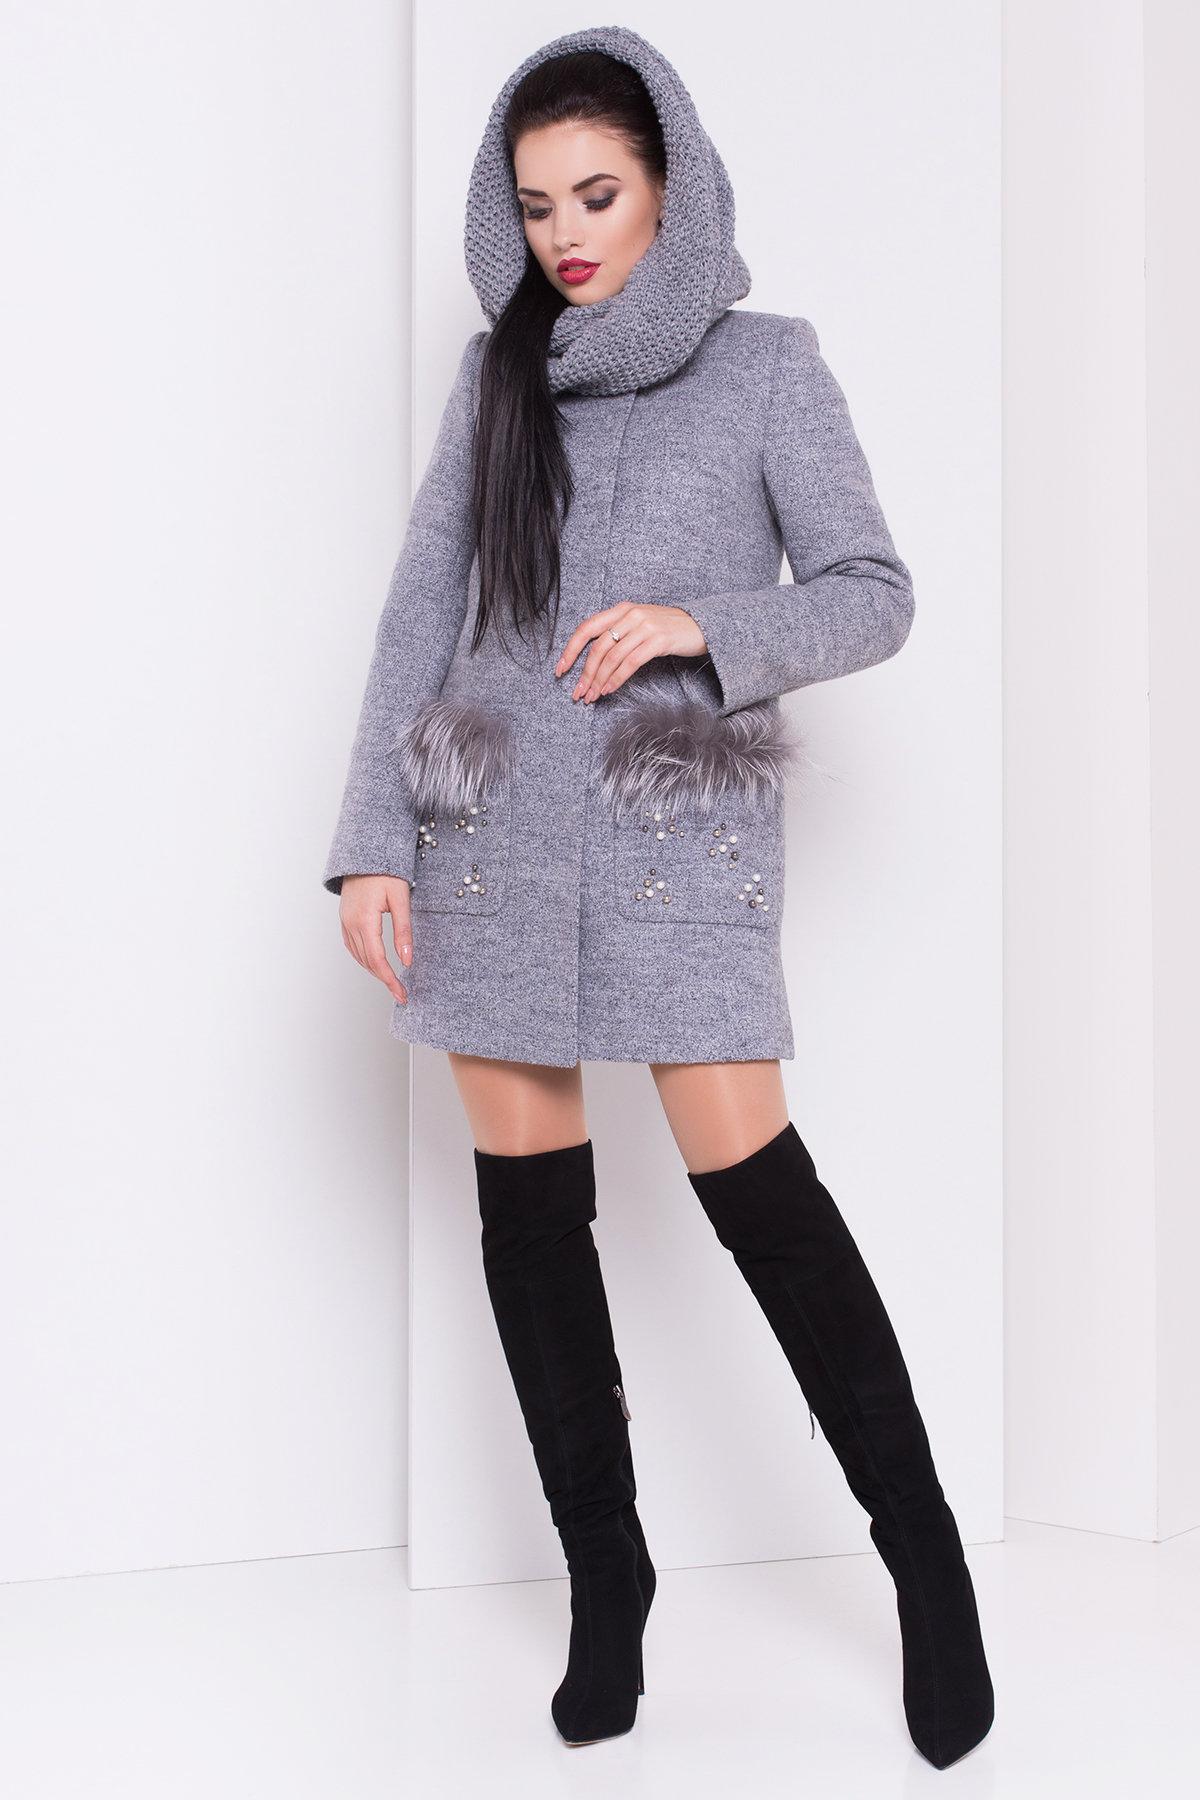 Пальто зима Ажен 3433 АРТ. 17862 Цвет: Серый 48 - фото 3, интернет магазин tm-modus.ru